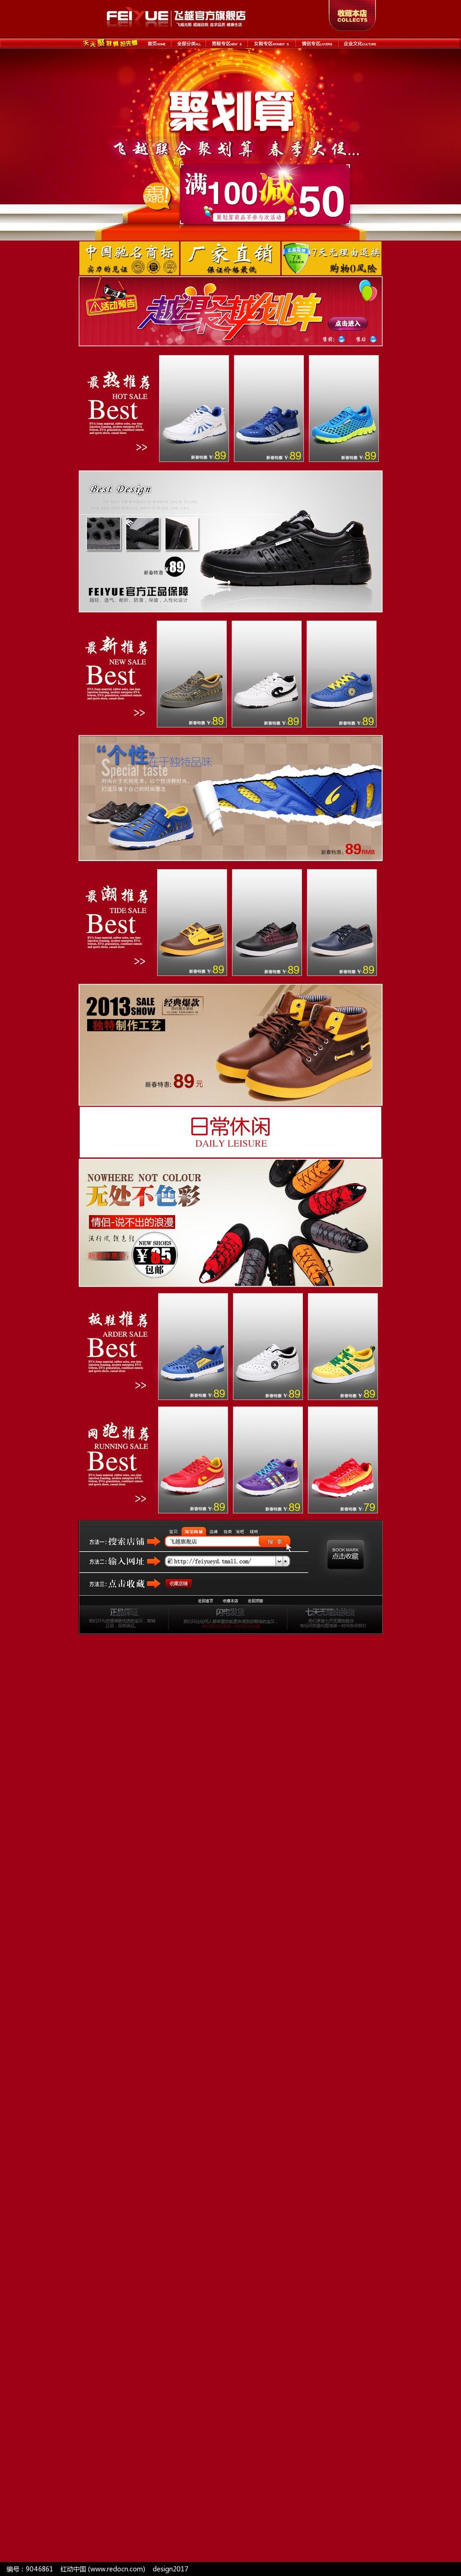 飞越鞋类促销网页PSD图片